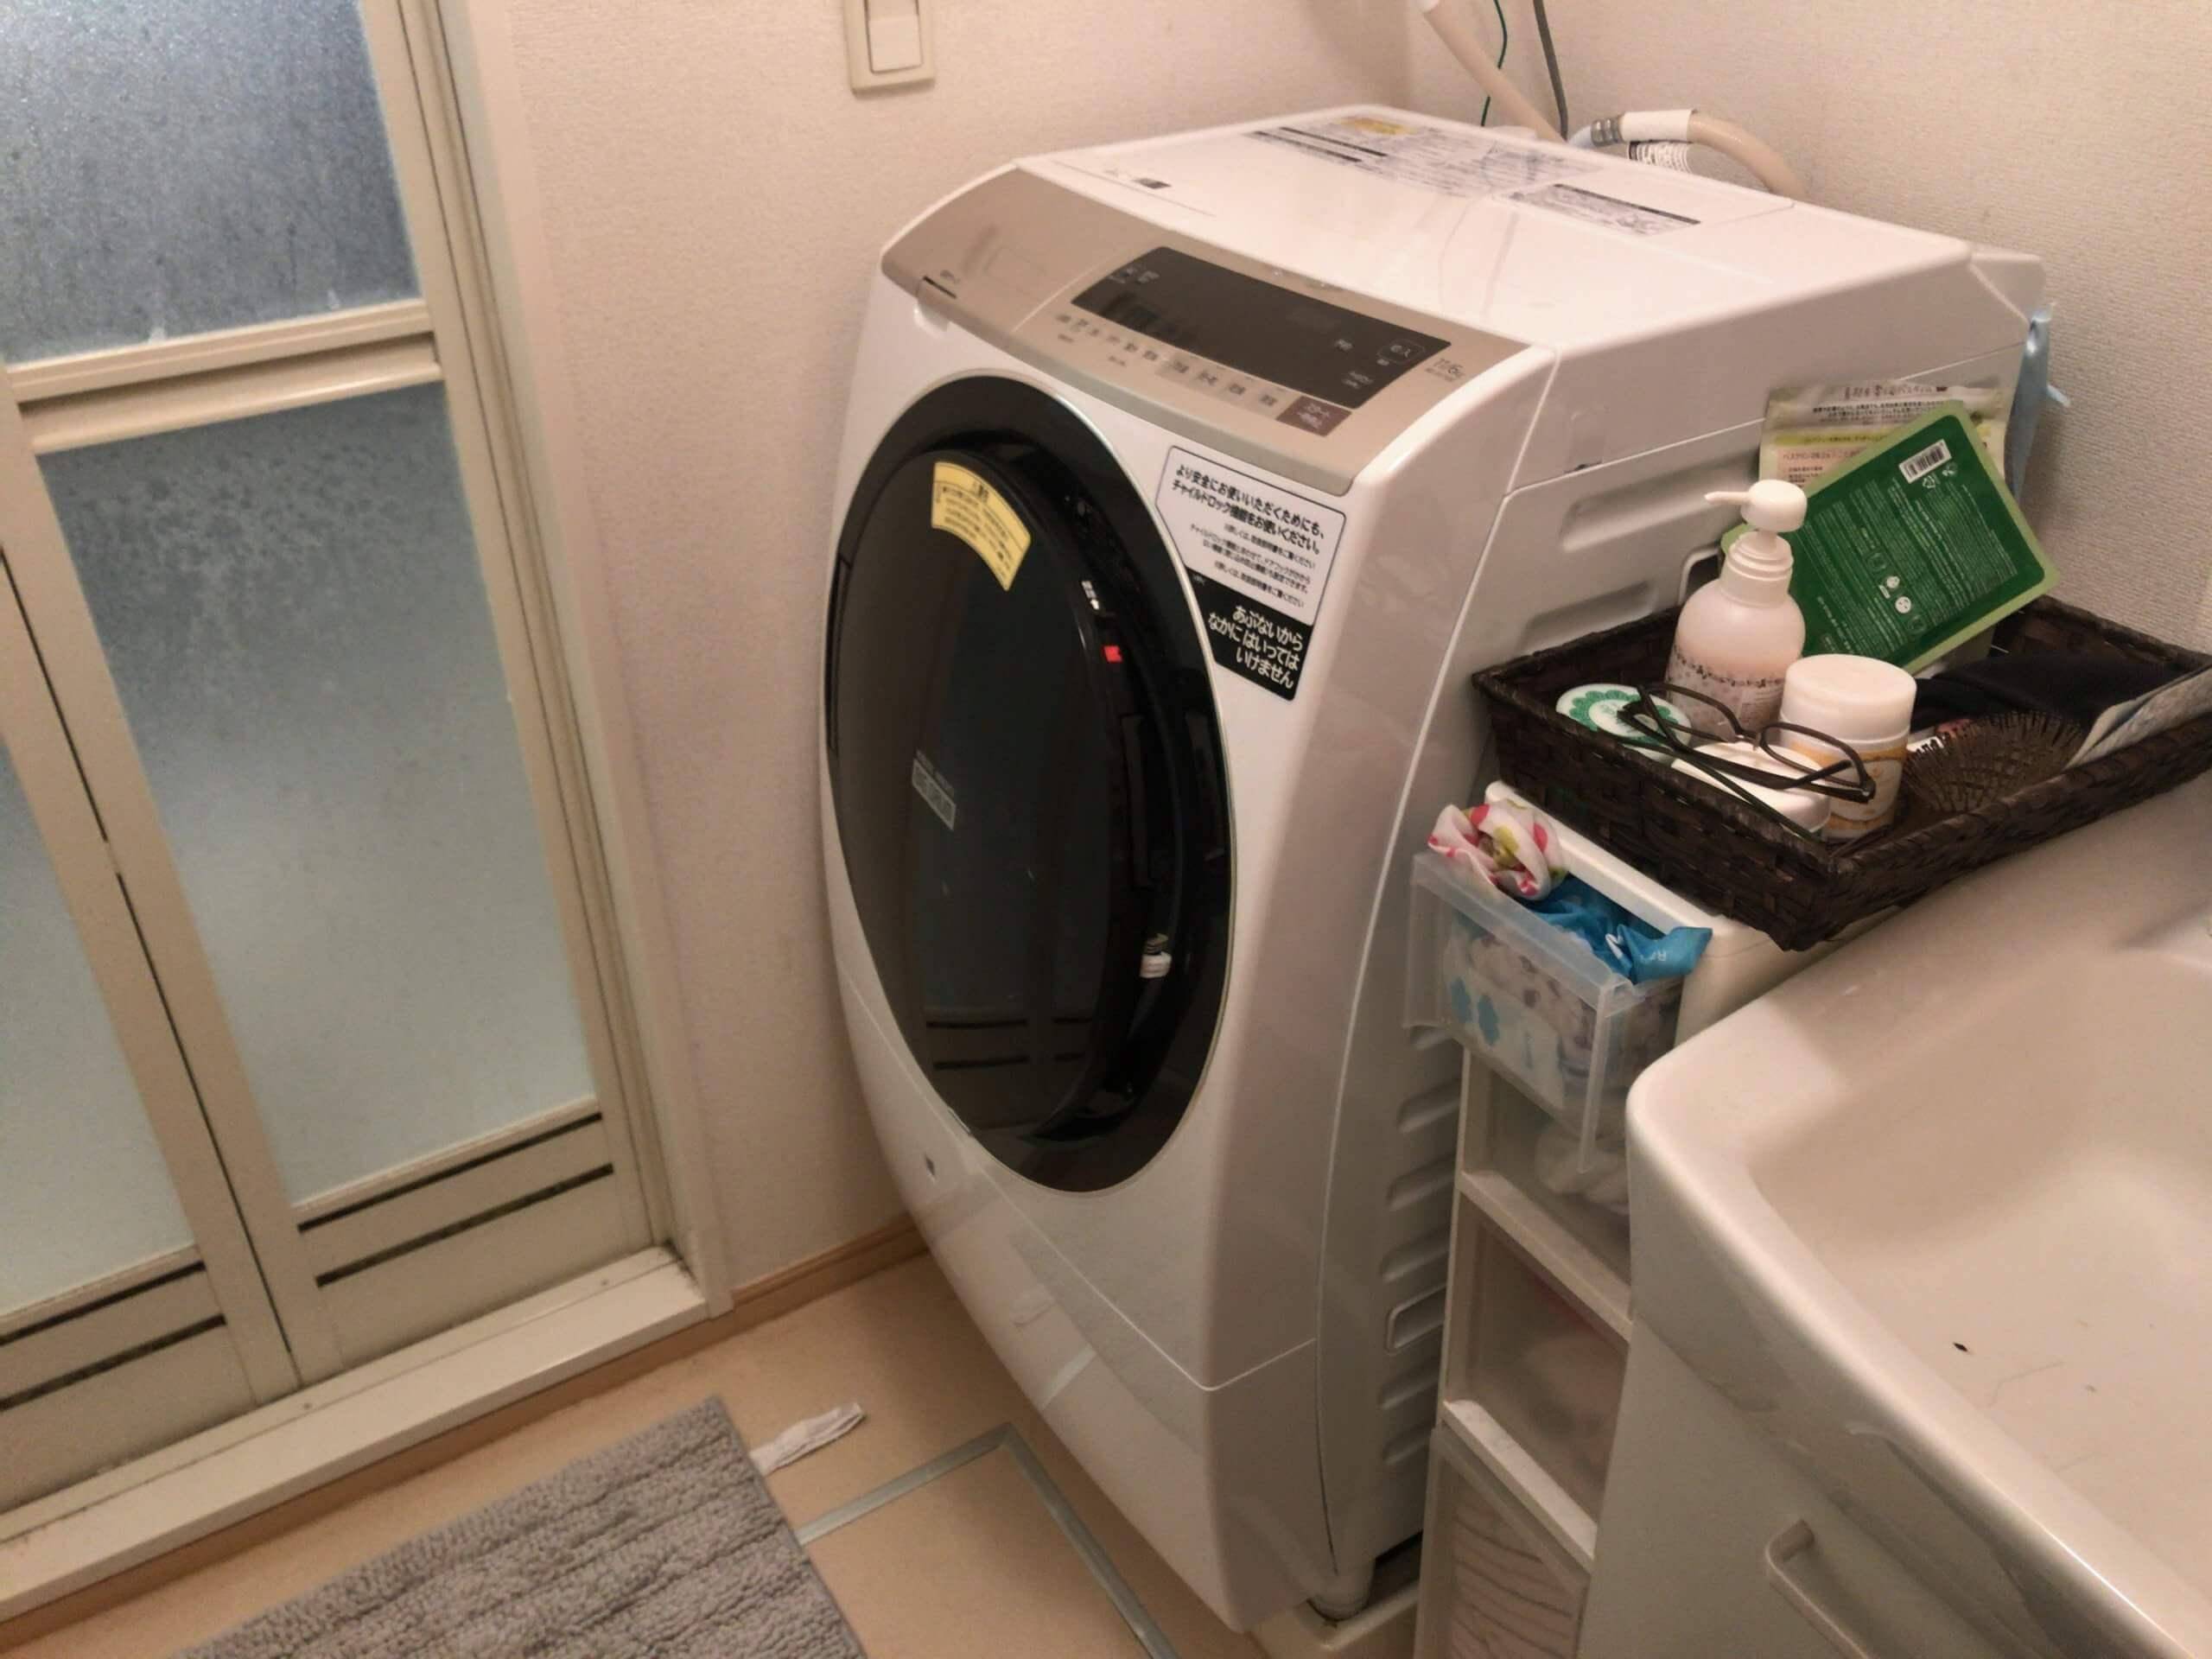 ドラム式洗濯乾燥機を買ったら生活の質が爆上がりした話